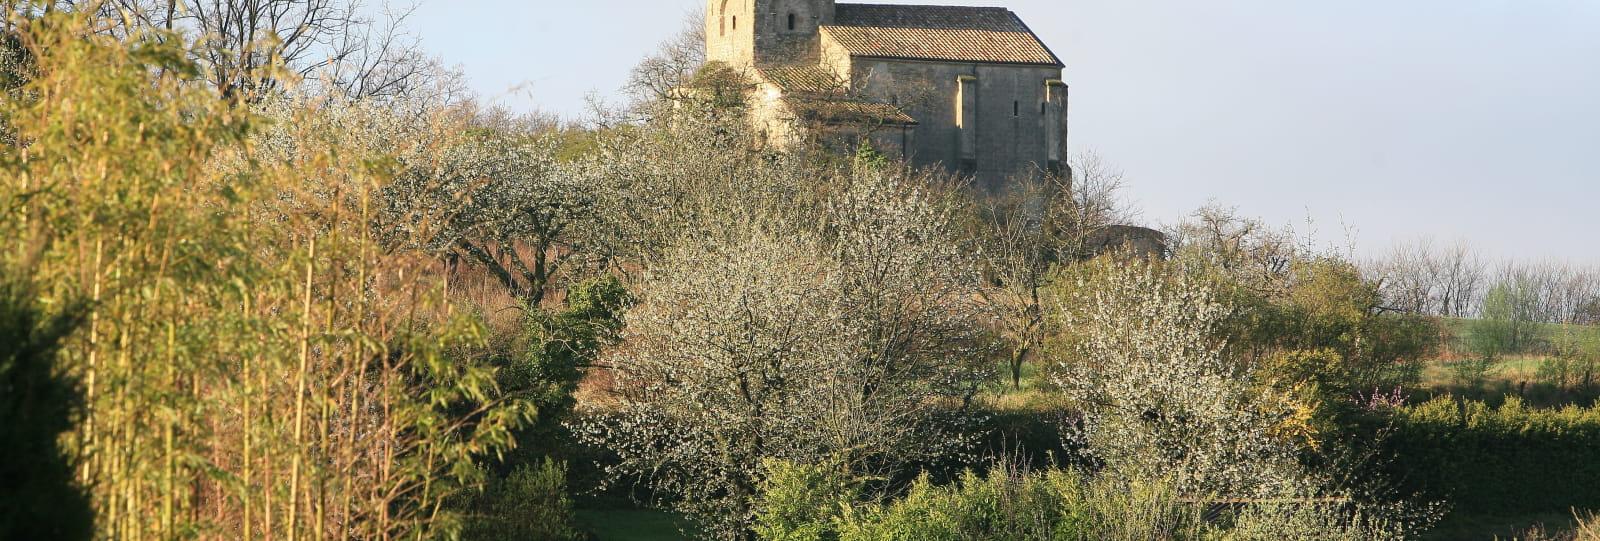 Eglise de Chantemerle-les-Blés